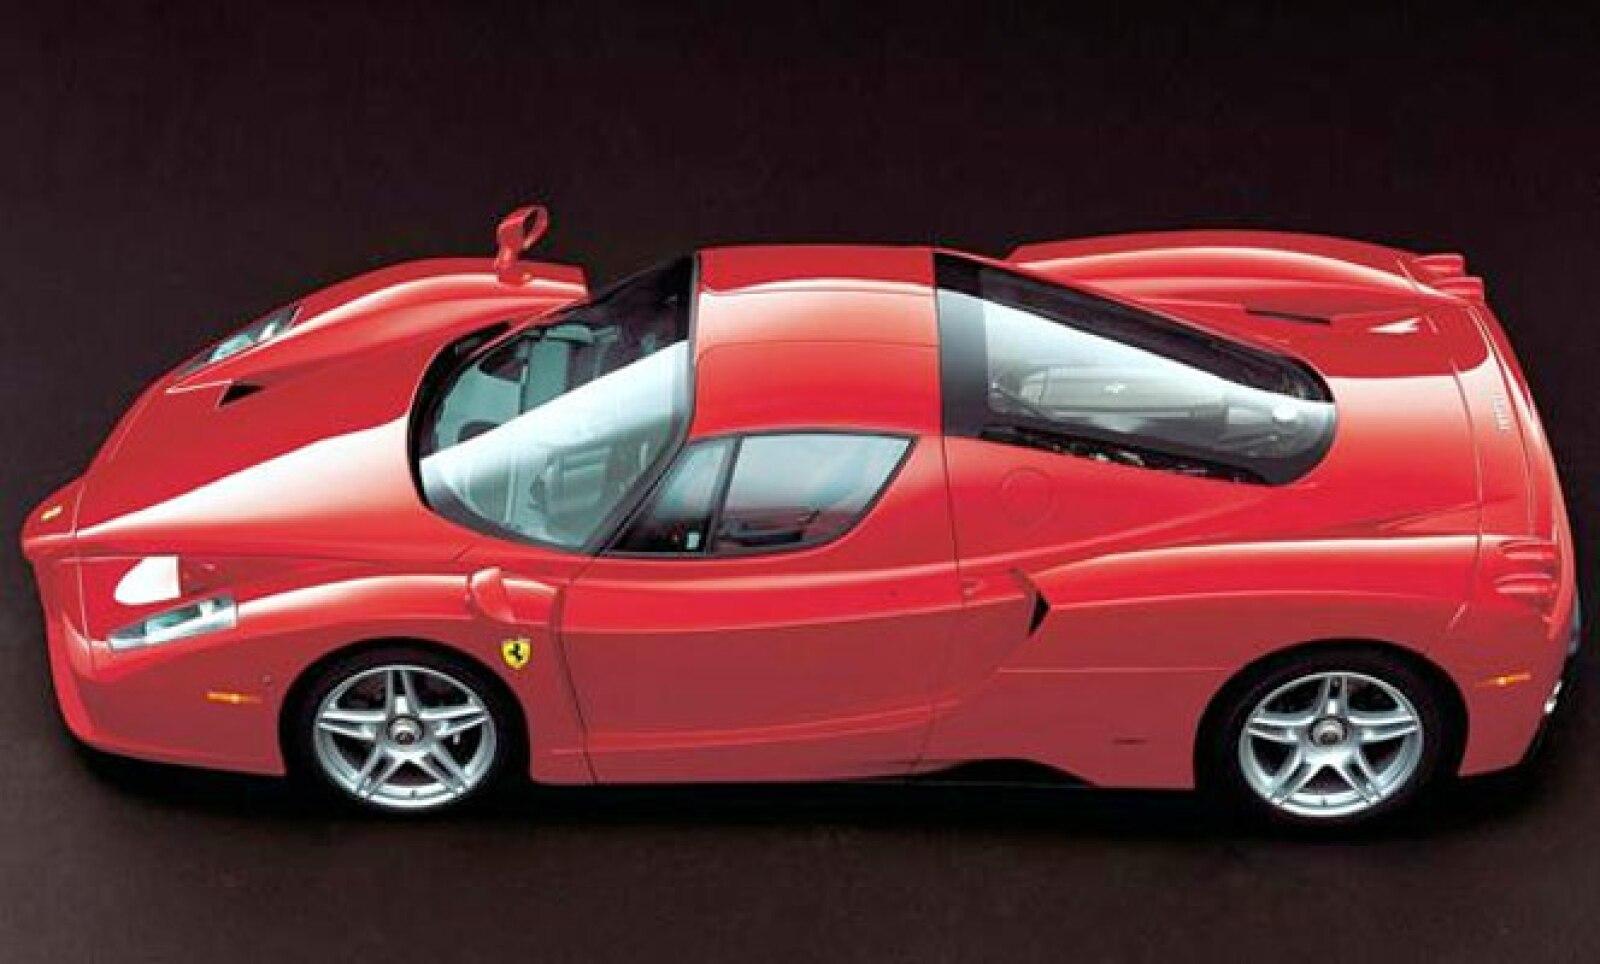 Construido enteramente en fibra de carbón, este modelo es obra del diseñador japonés Ken Okuyama. El piloto Michael Schumacher estuvo involucrado en el desarrollo y puesta a punto de cada uno de los 400 autos que se fabricaron en dos años.